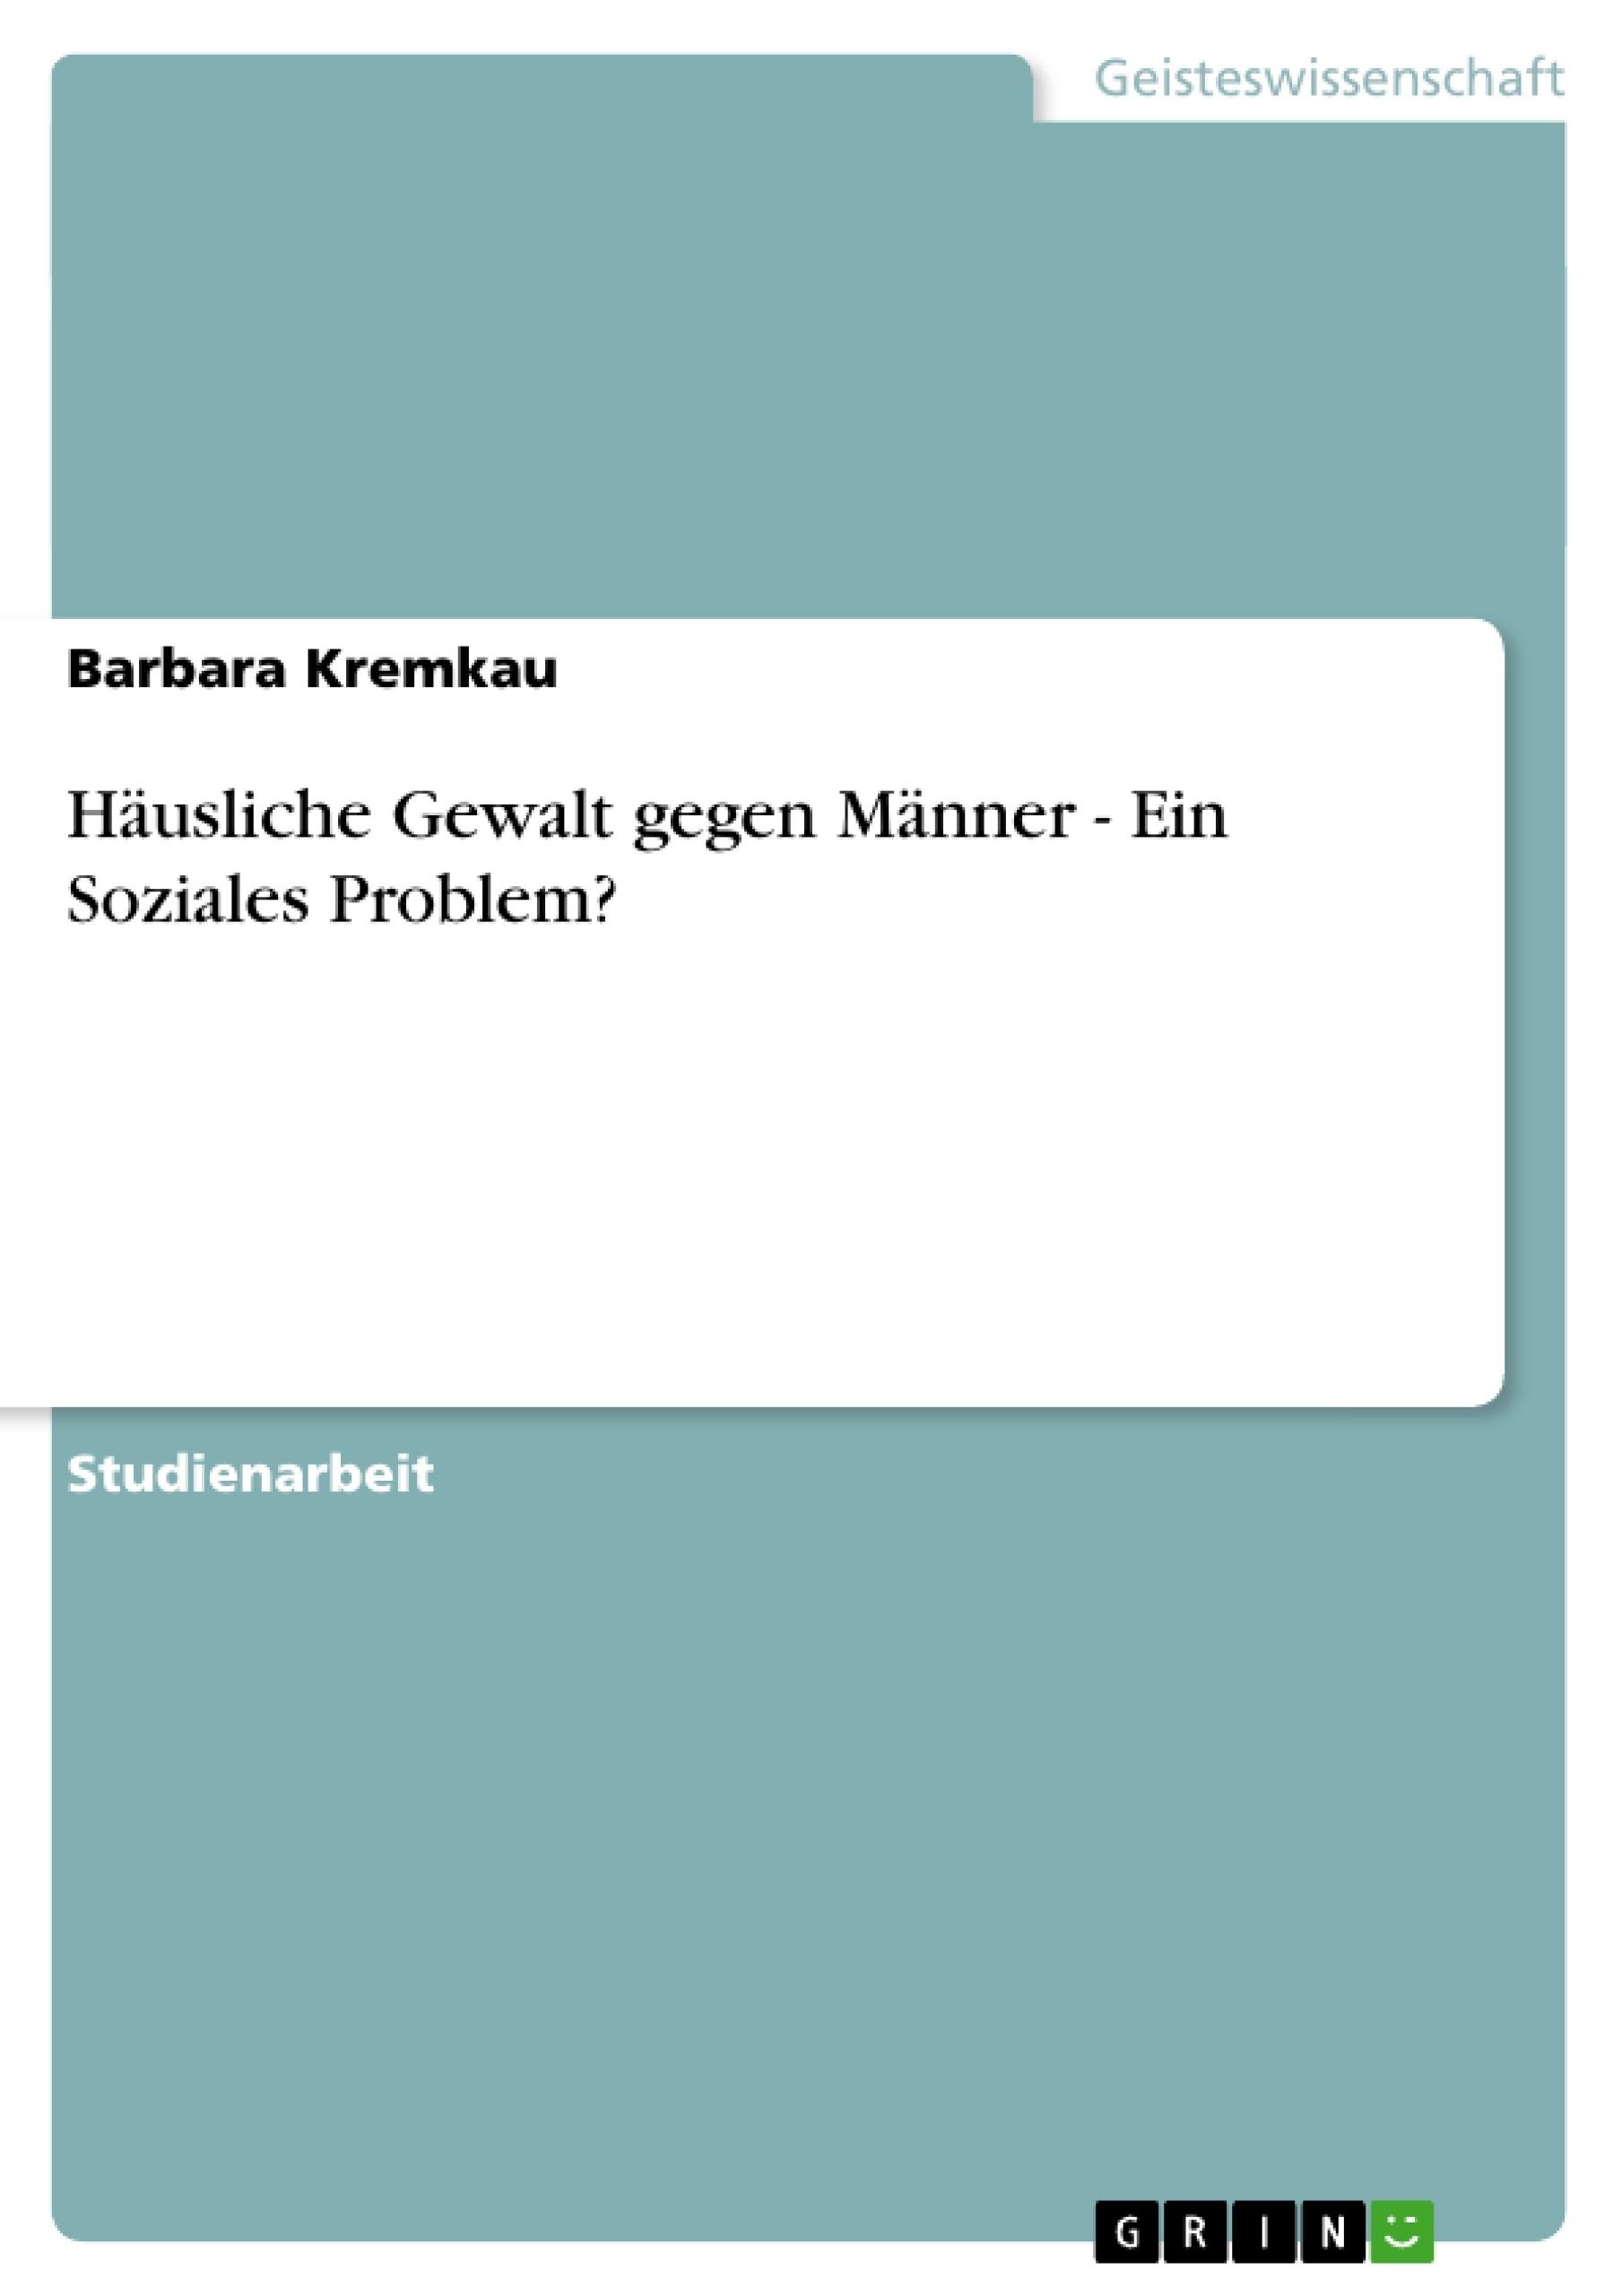 Titel: Häusliche Gewalt gegen Männer - Ein Soziales Problem?